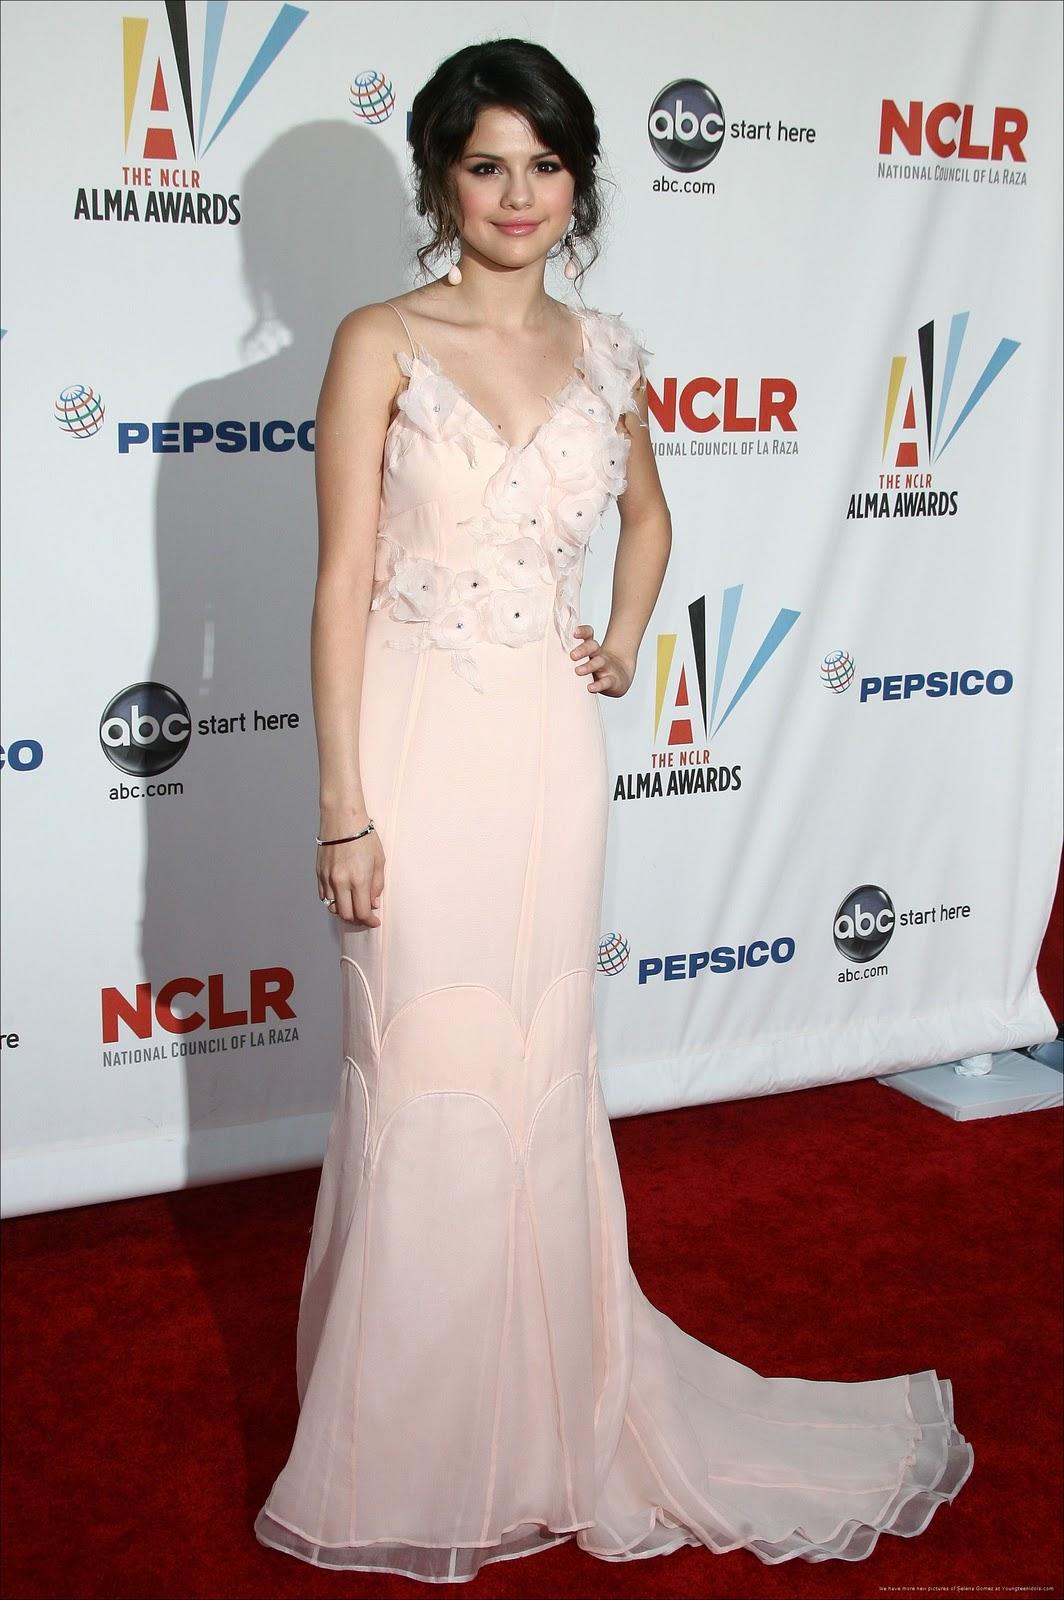 http://4.bp.blogspot.com/-fGJEKmLC5Pk/TpbNu57savI/AAAAAAAADqQ/r5Kp1L5-iEg/s1600/Selena+Gomez+Dresses+%252817%2529.jpg